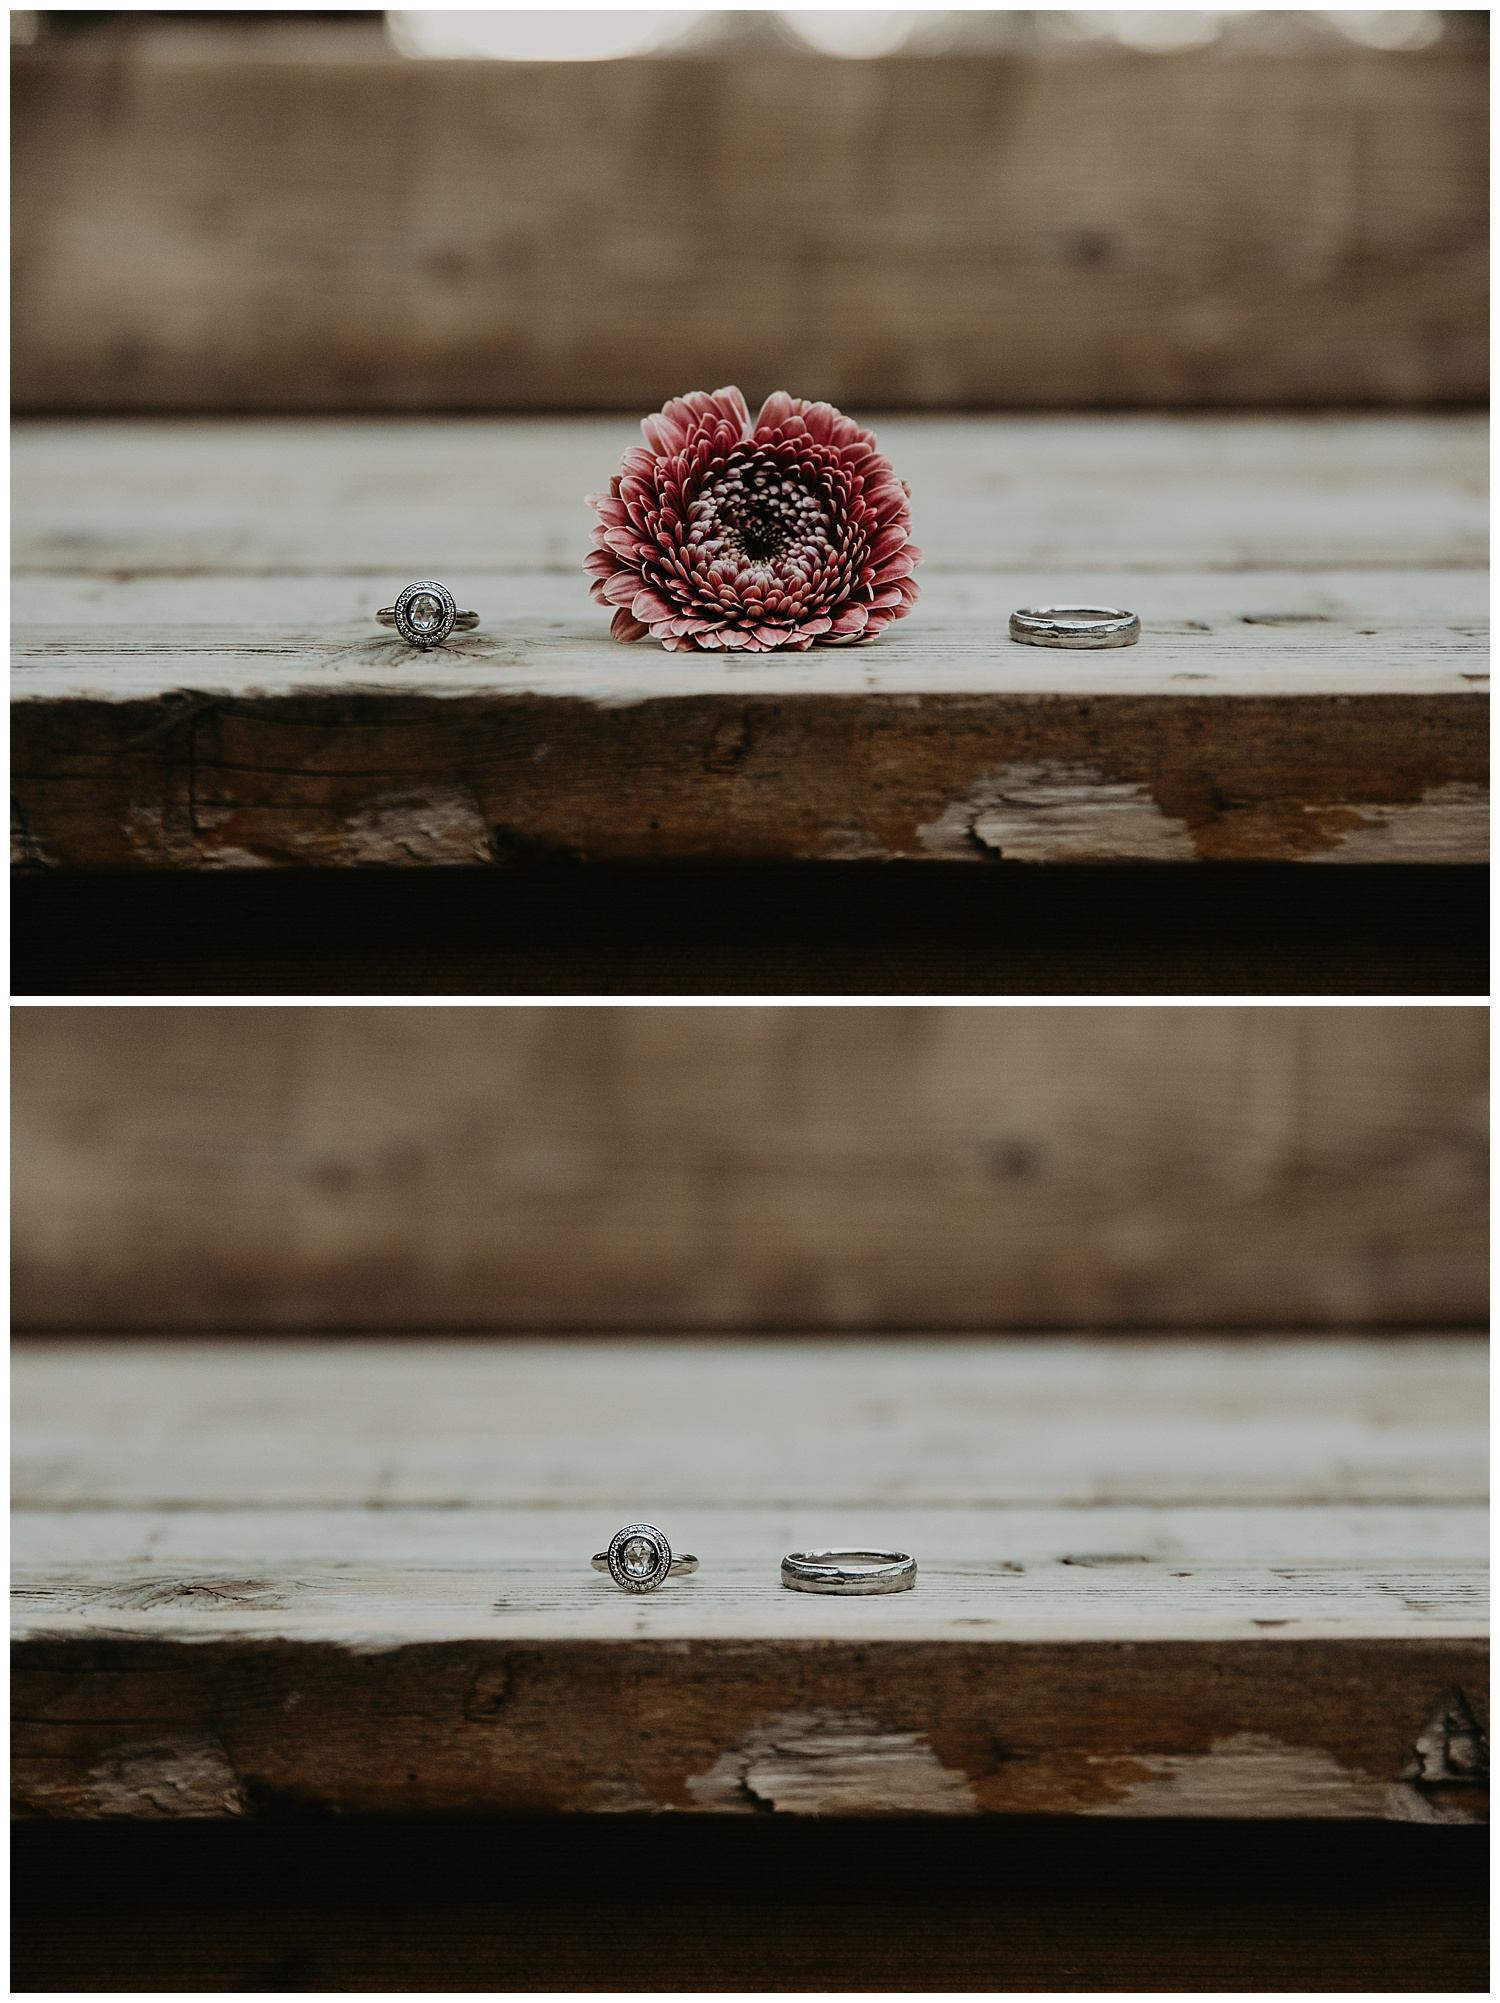 lake-tahoe-wedding-ring-shot-detail-with-flowers.jpg